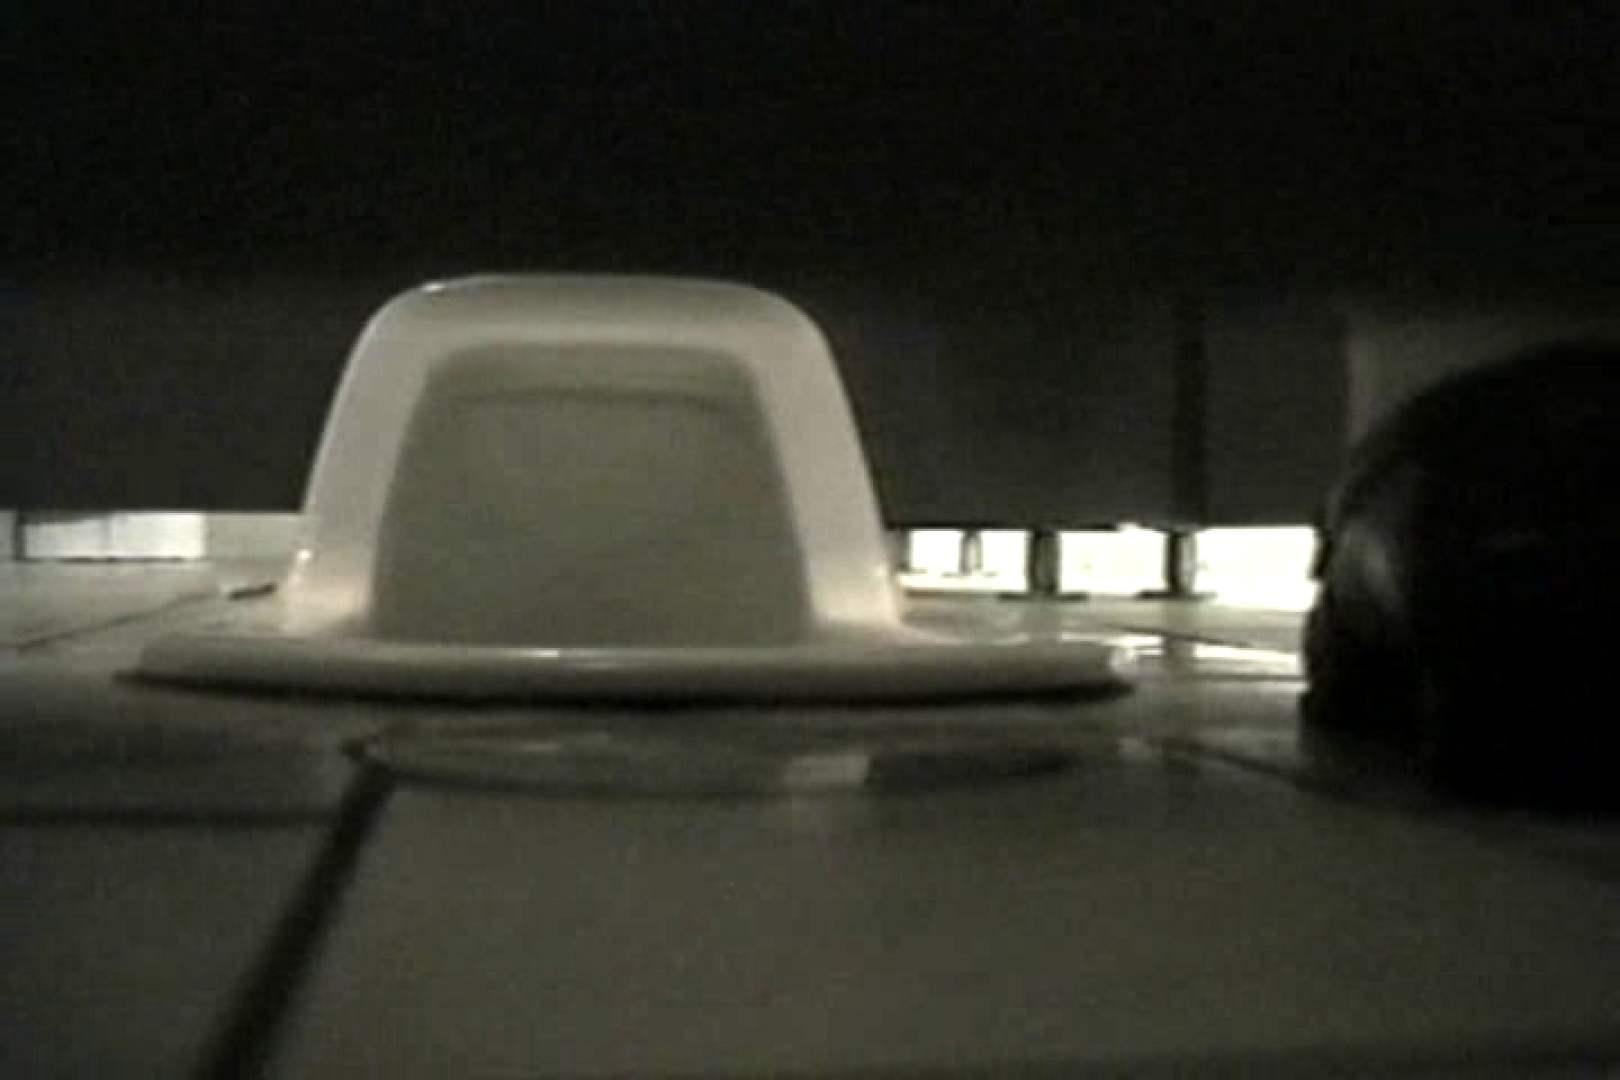 ボディコントイレで出す 投稿盗撮 TK-33 トイレの中の女の子 セックス画像 34連発 4